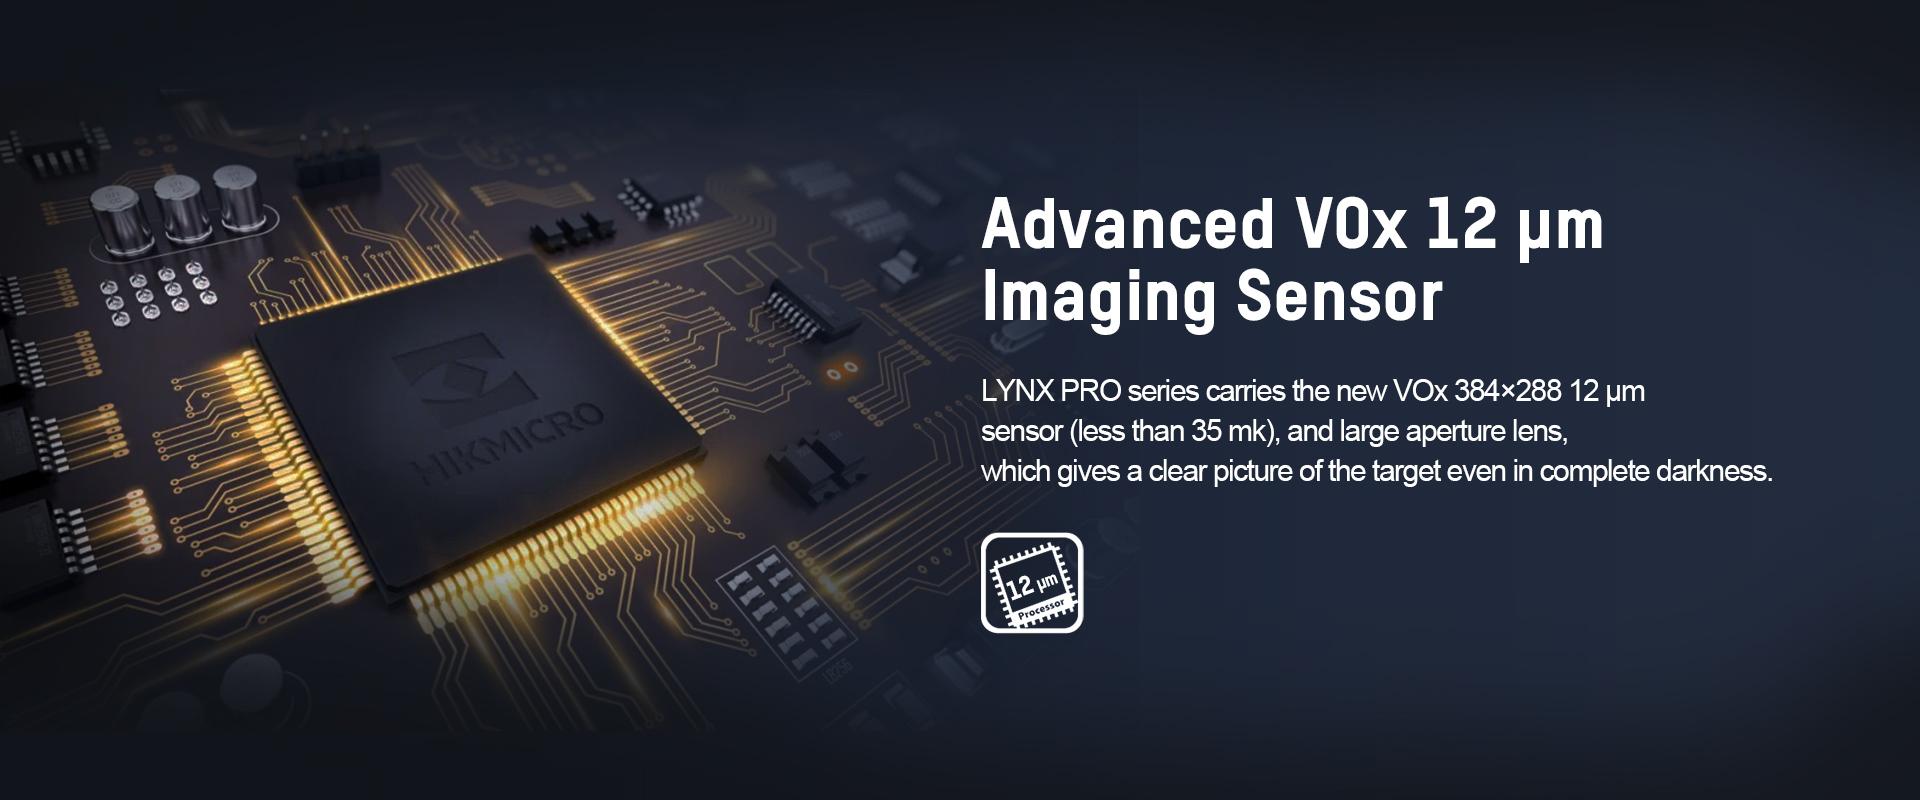 02-Advanced VOx 12 μm Imaging Sensor_LYNXPro.jpg